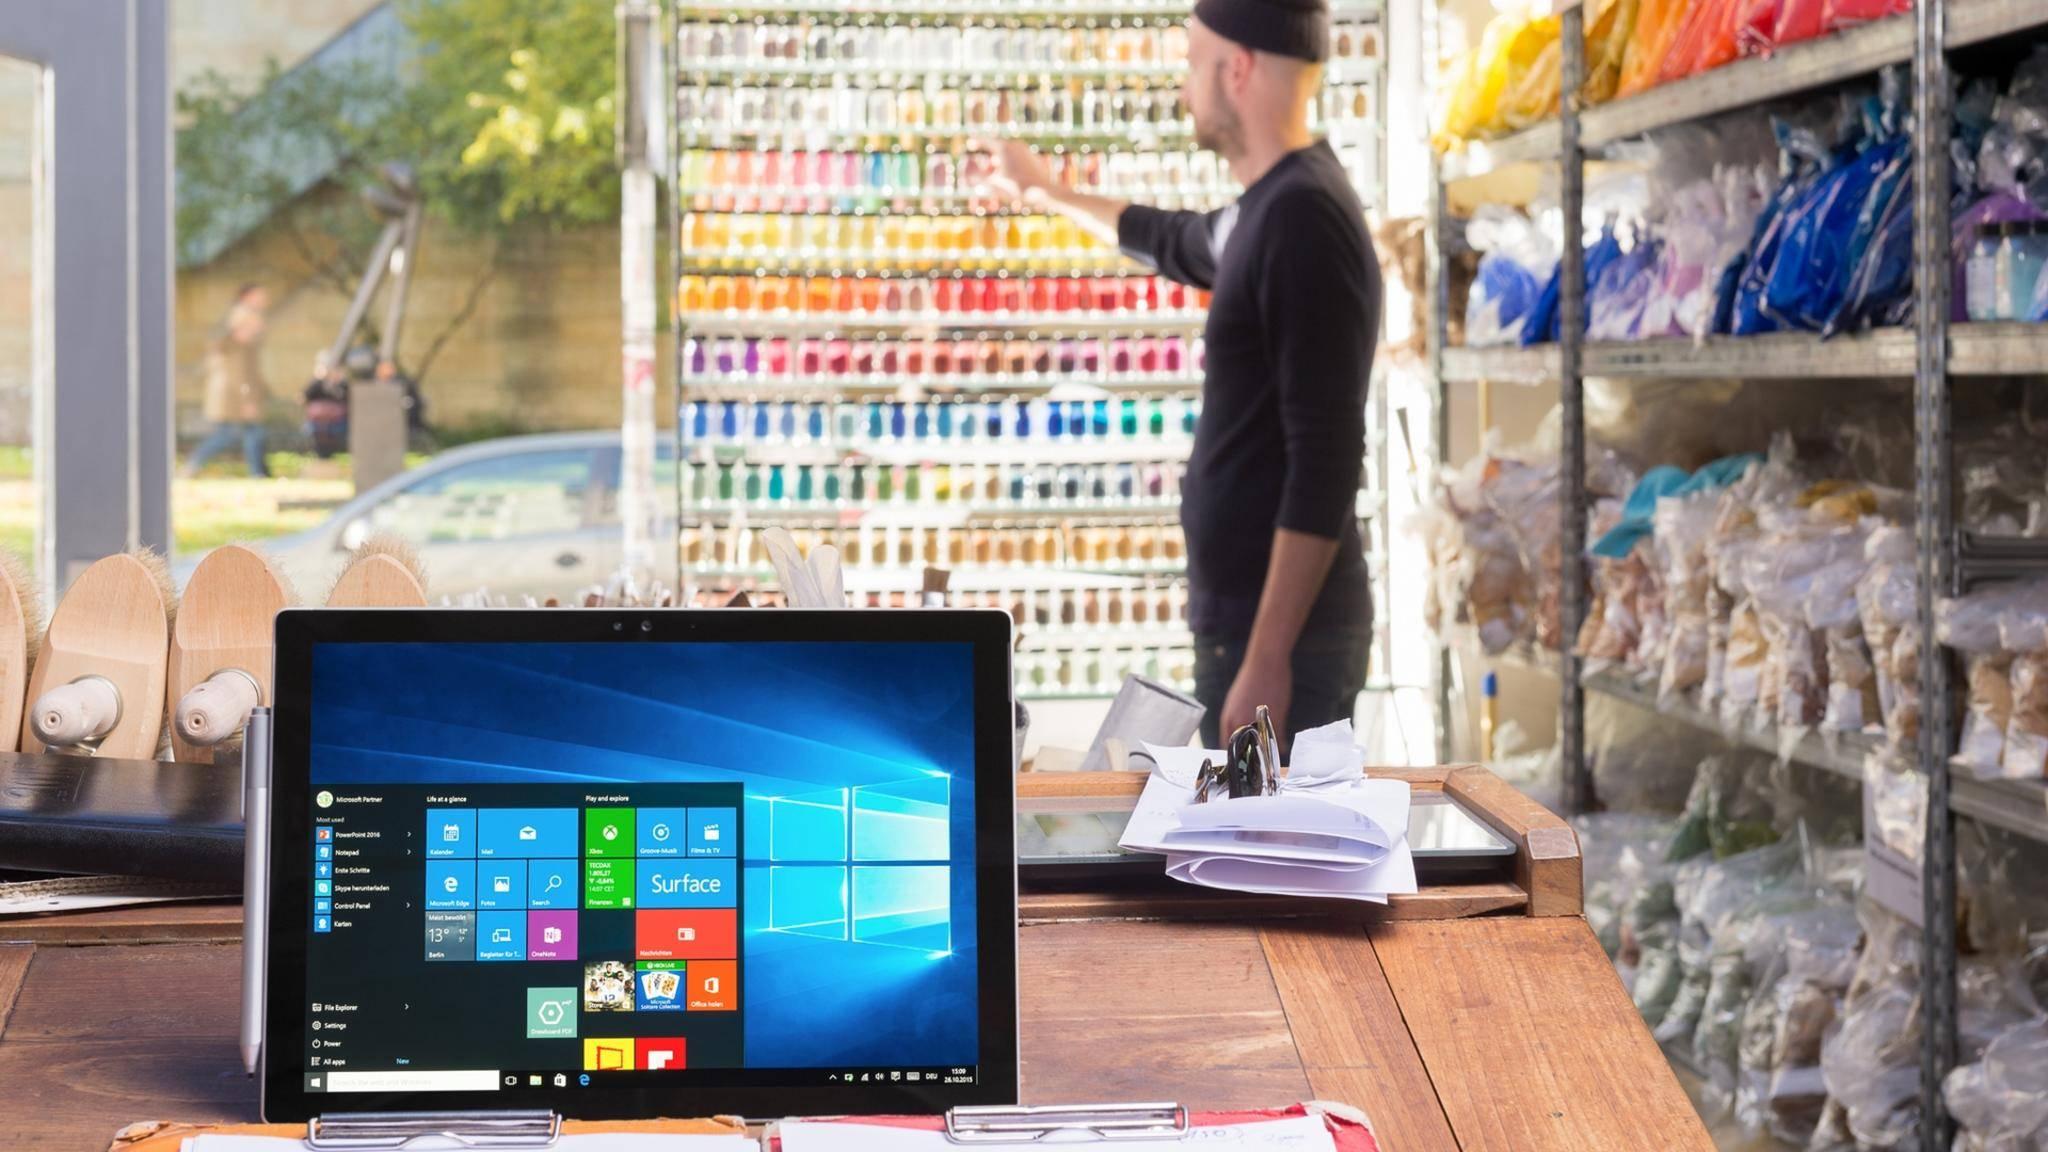 Windows 10 arbeitet nicht sehr gut mit Antiviren-Software von Kaspersky zusammen.